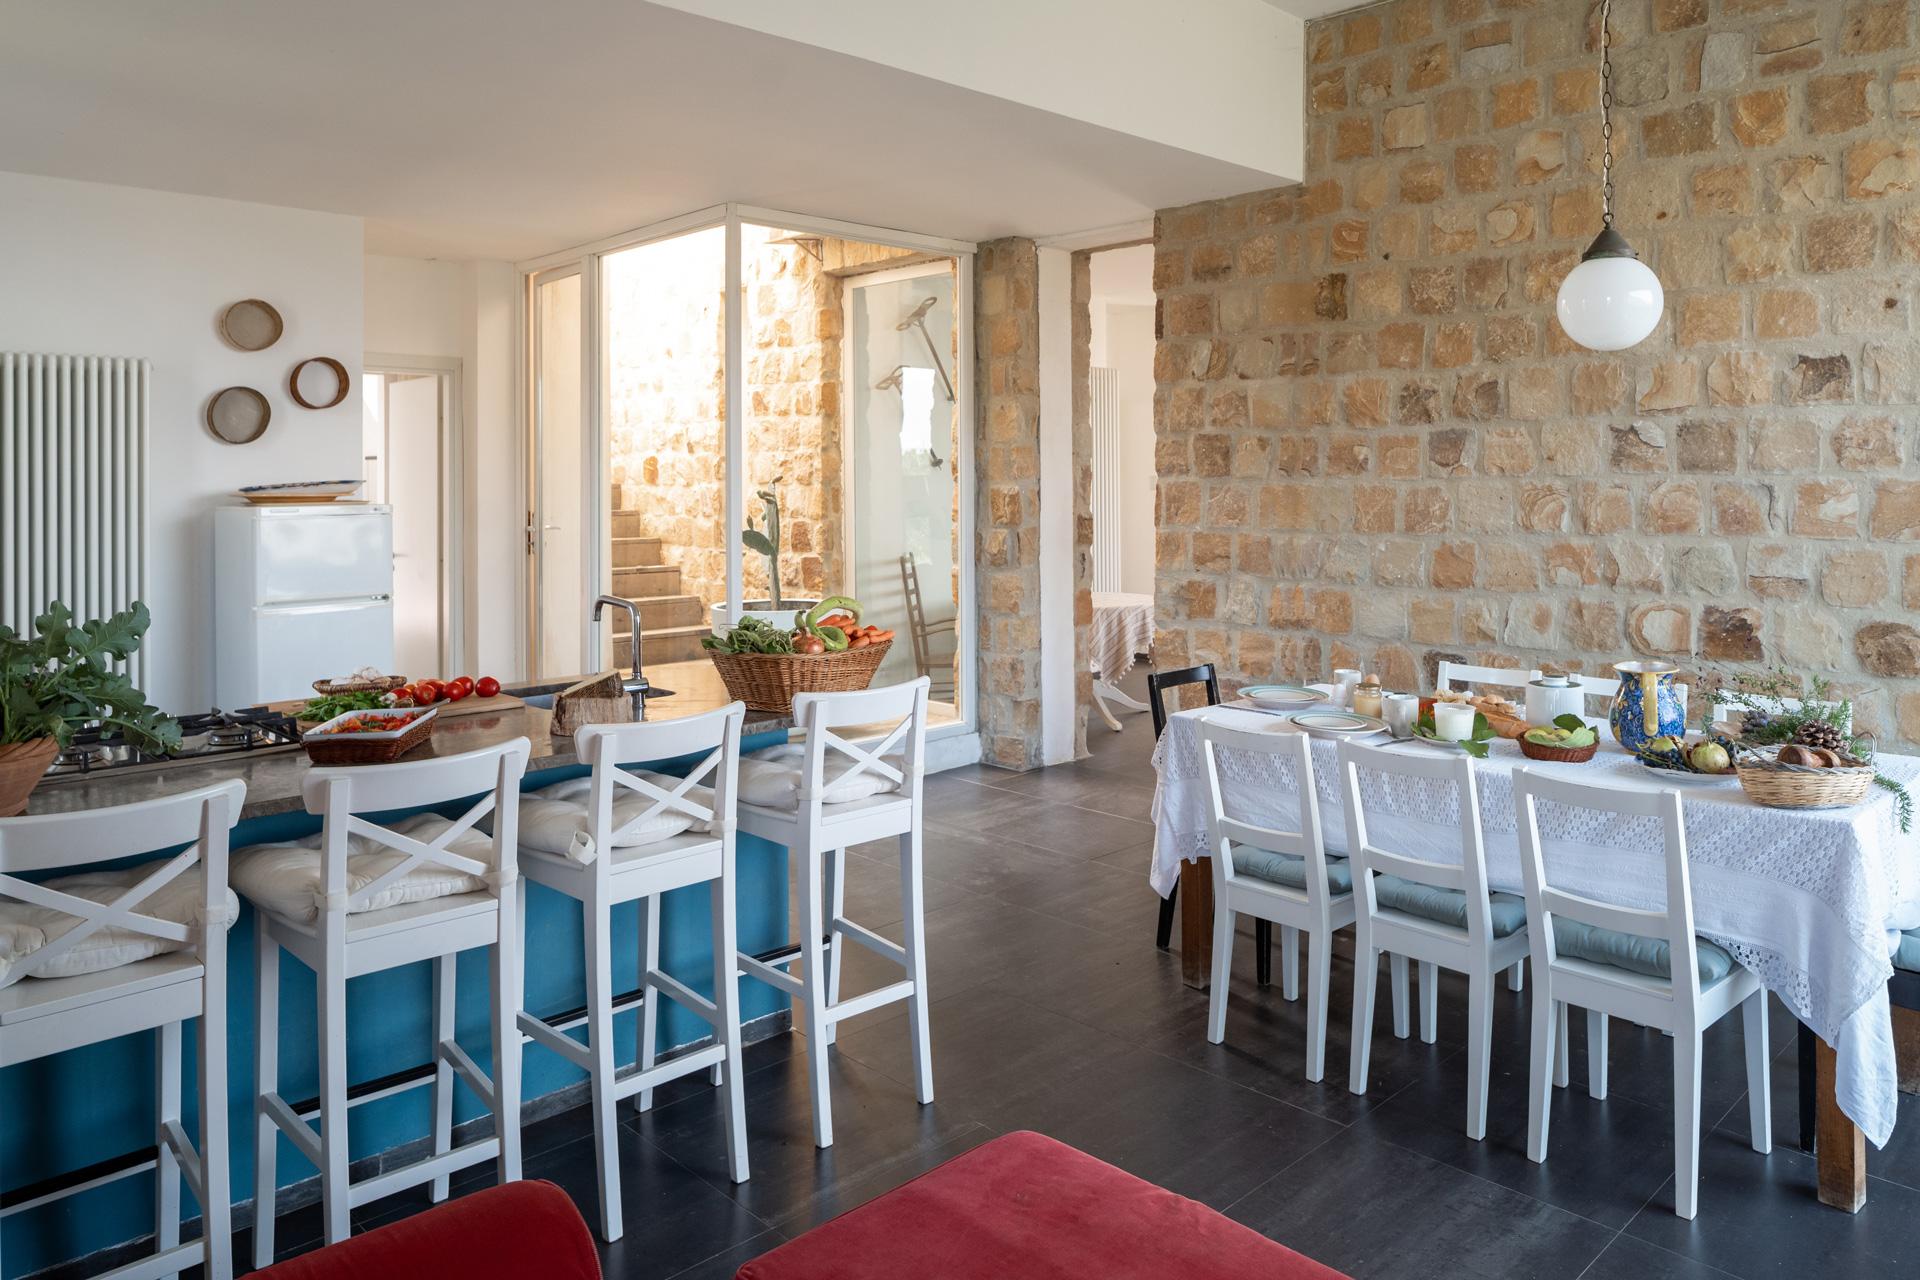 Casa Cerasuola - Zona pranzo e cucina